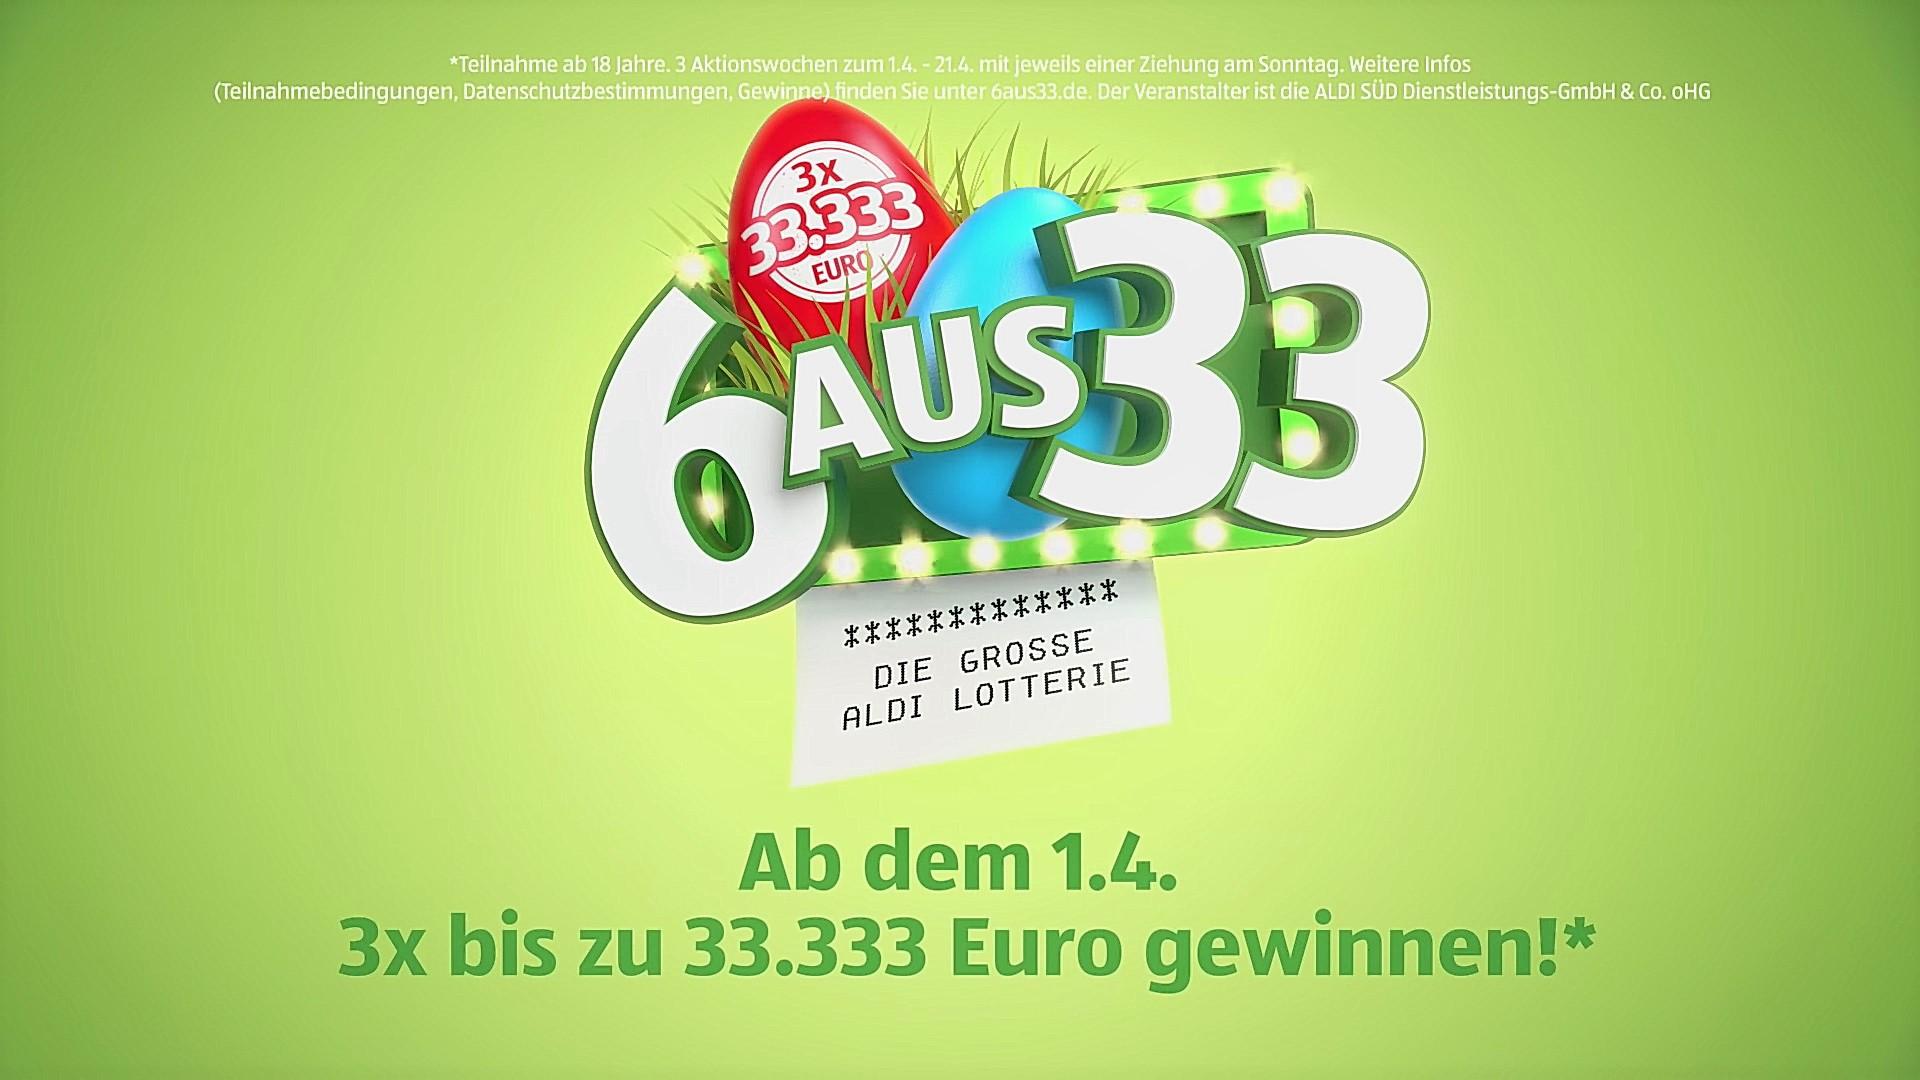 Welche Lotterie Hat 219278